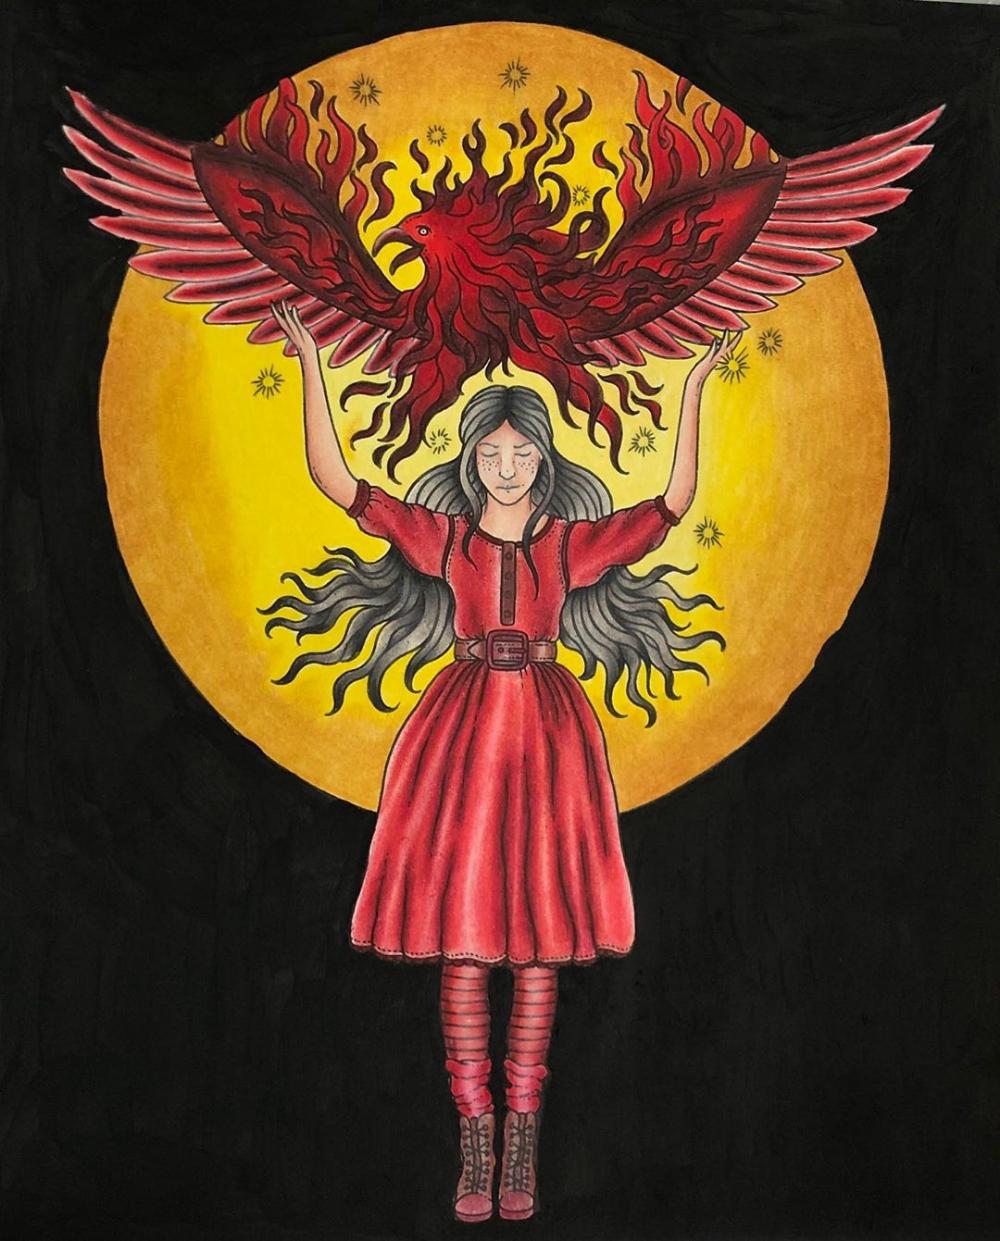 Hanna karlzon, spirit animals image by Kathleen Creasbaum ...